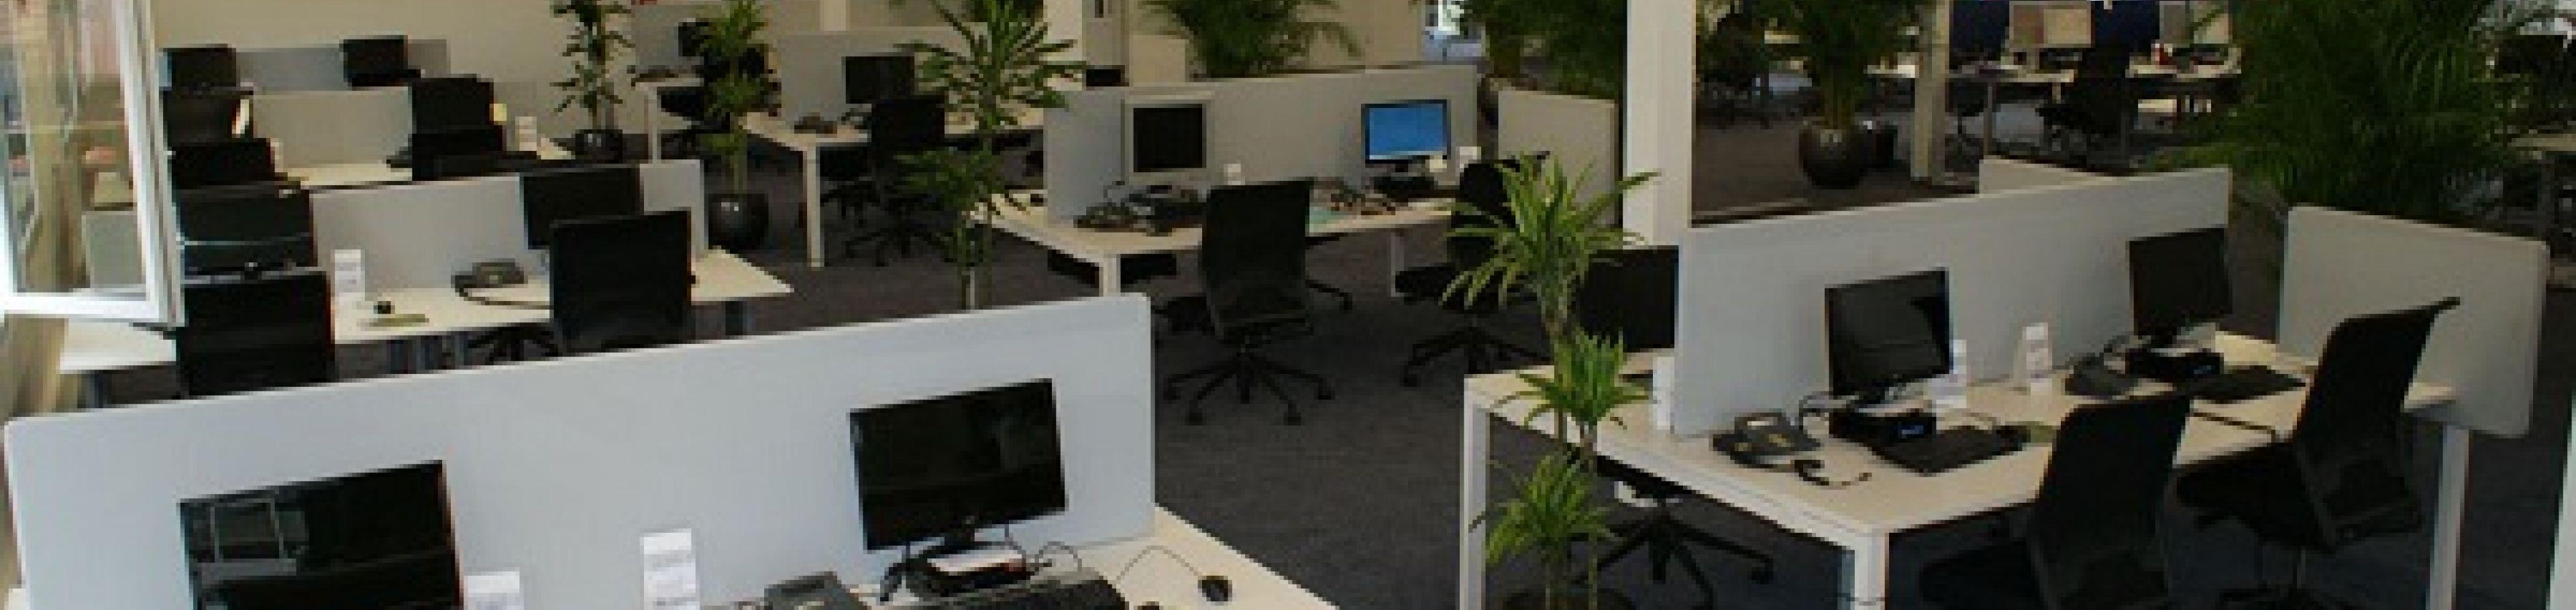 Callcenter Dienstleister Profi Office Innen